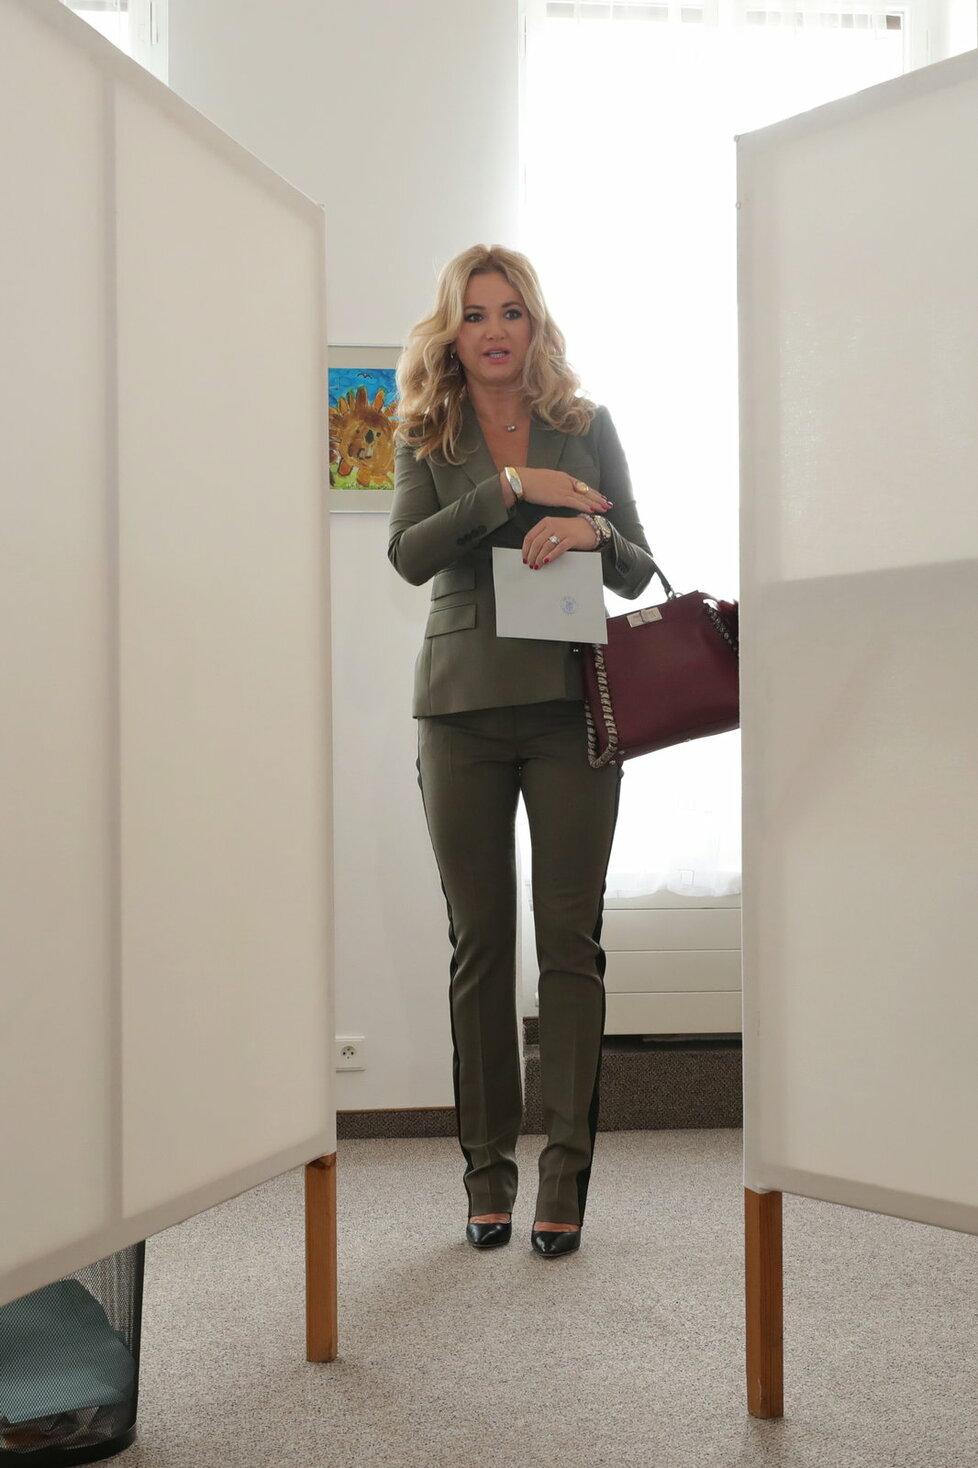 Monika Babišová: Od minulých voleb se poučila. Její kalhotový kostým příležitosti odpovídá. Fazóna klop saka na holém těle neodhaluje víc, než by měla. Cigaretové nohavice dobře spadají na nárt nohy v klasické lodičce. Vínová kabelka je dobrým doprovodem k olivovému kostýmu. Šperky potvrzují luxus kultivovaným způsobem.